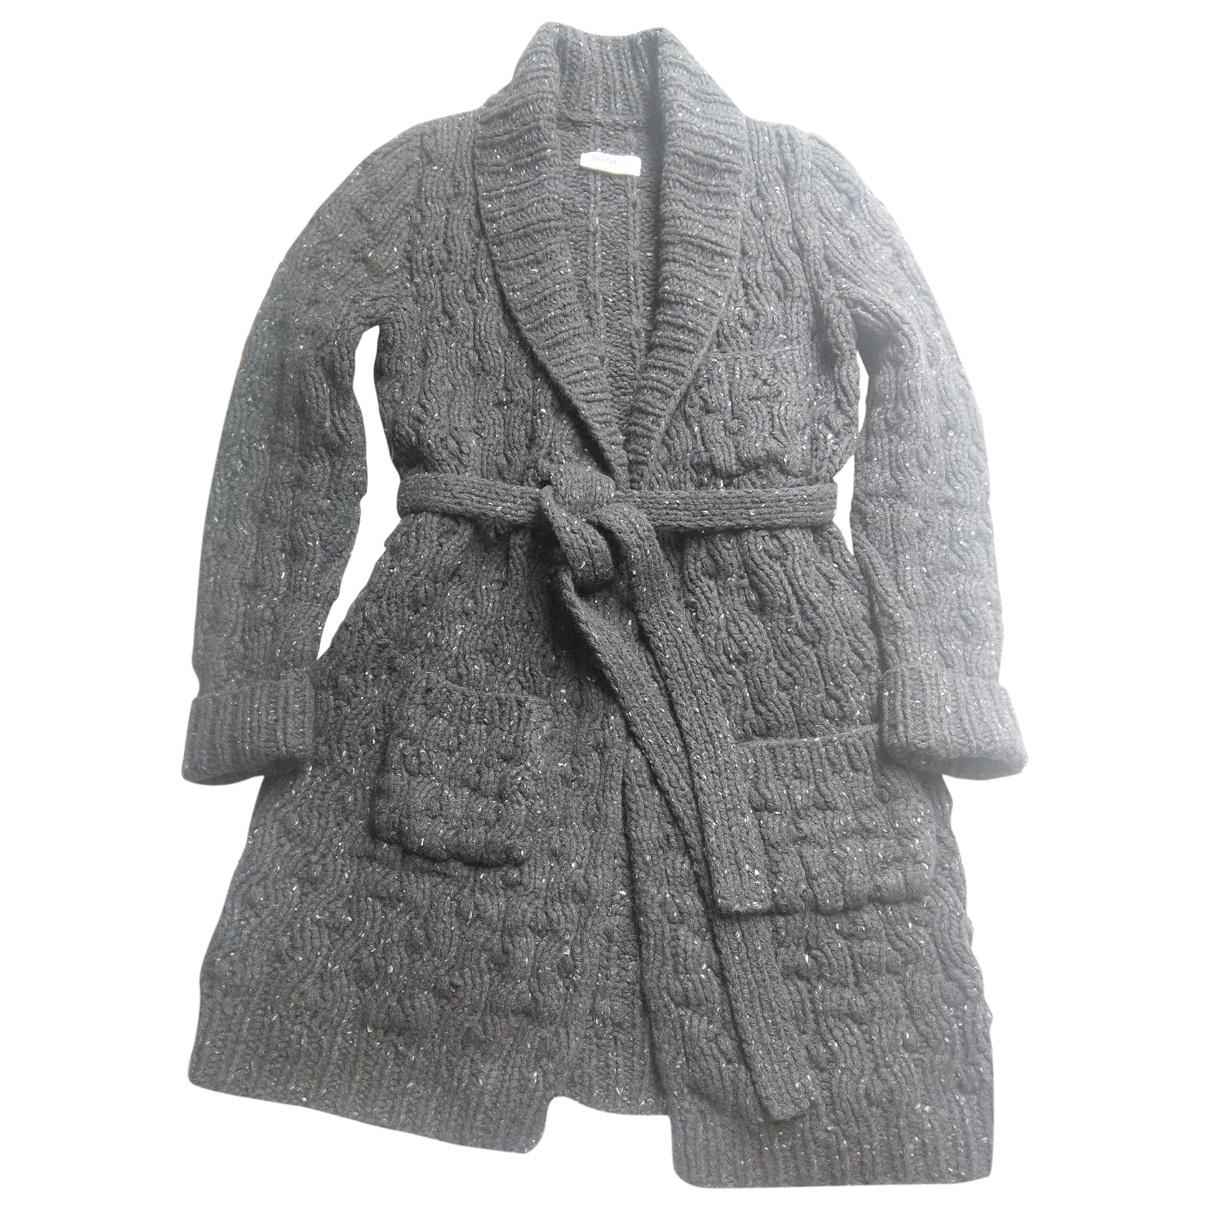 Mm6 - Pull   pour femme en laine - anthracite